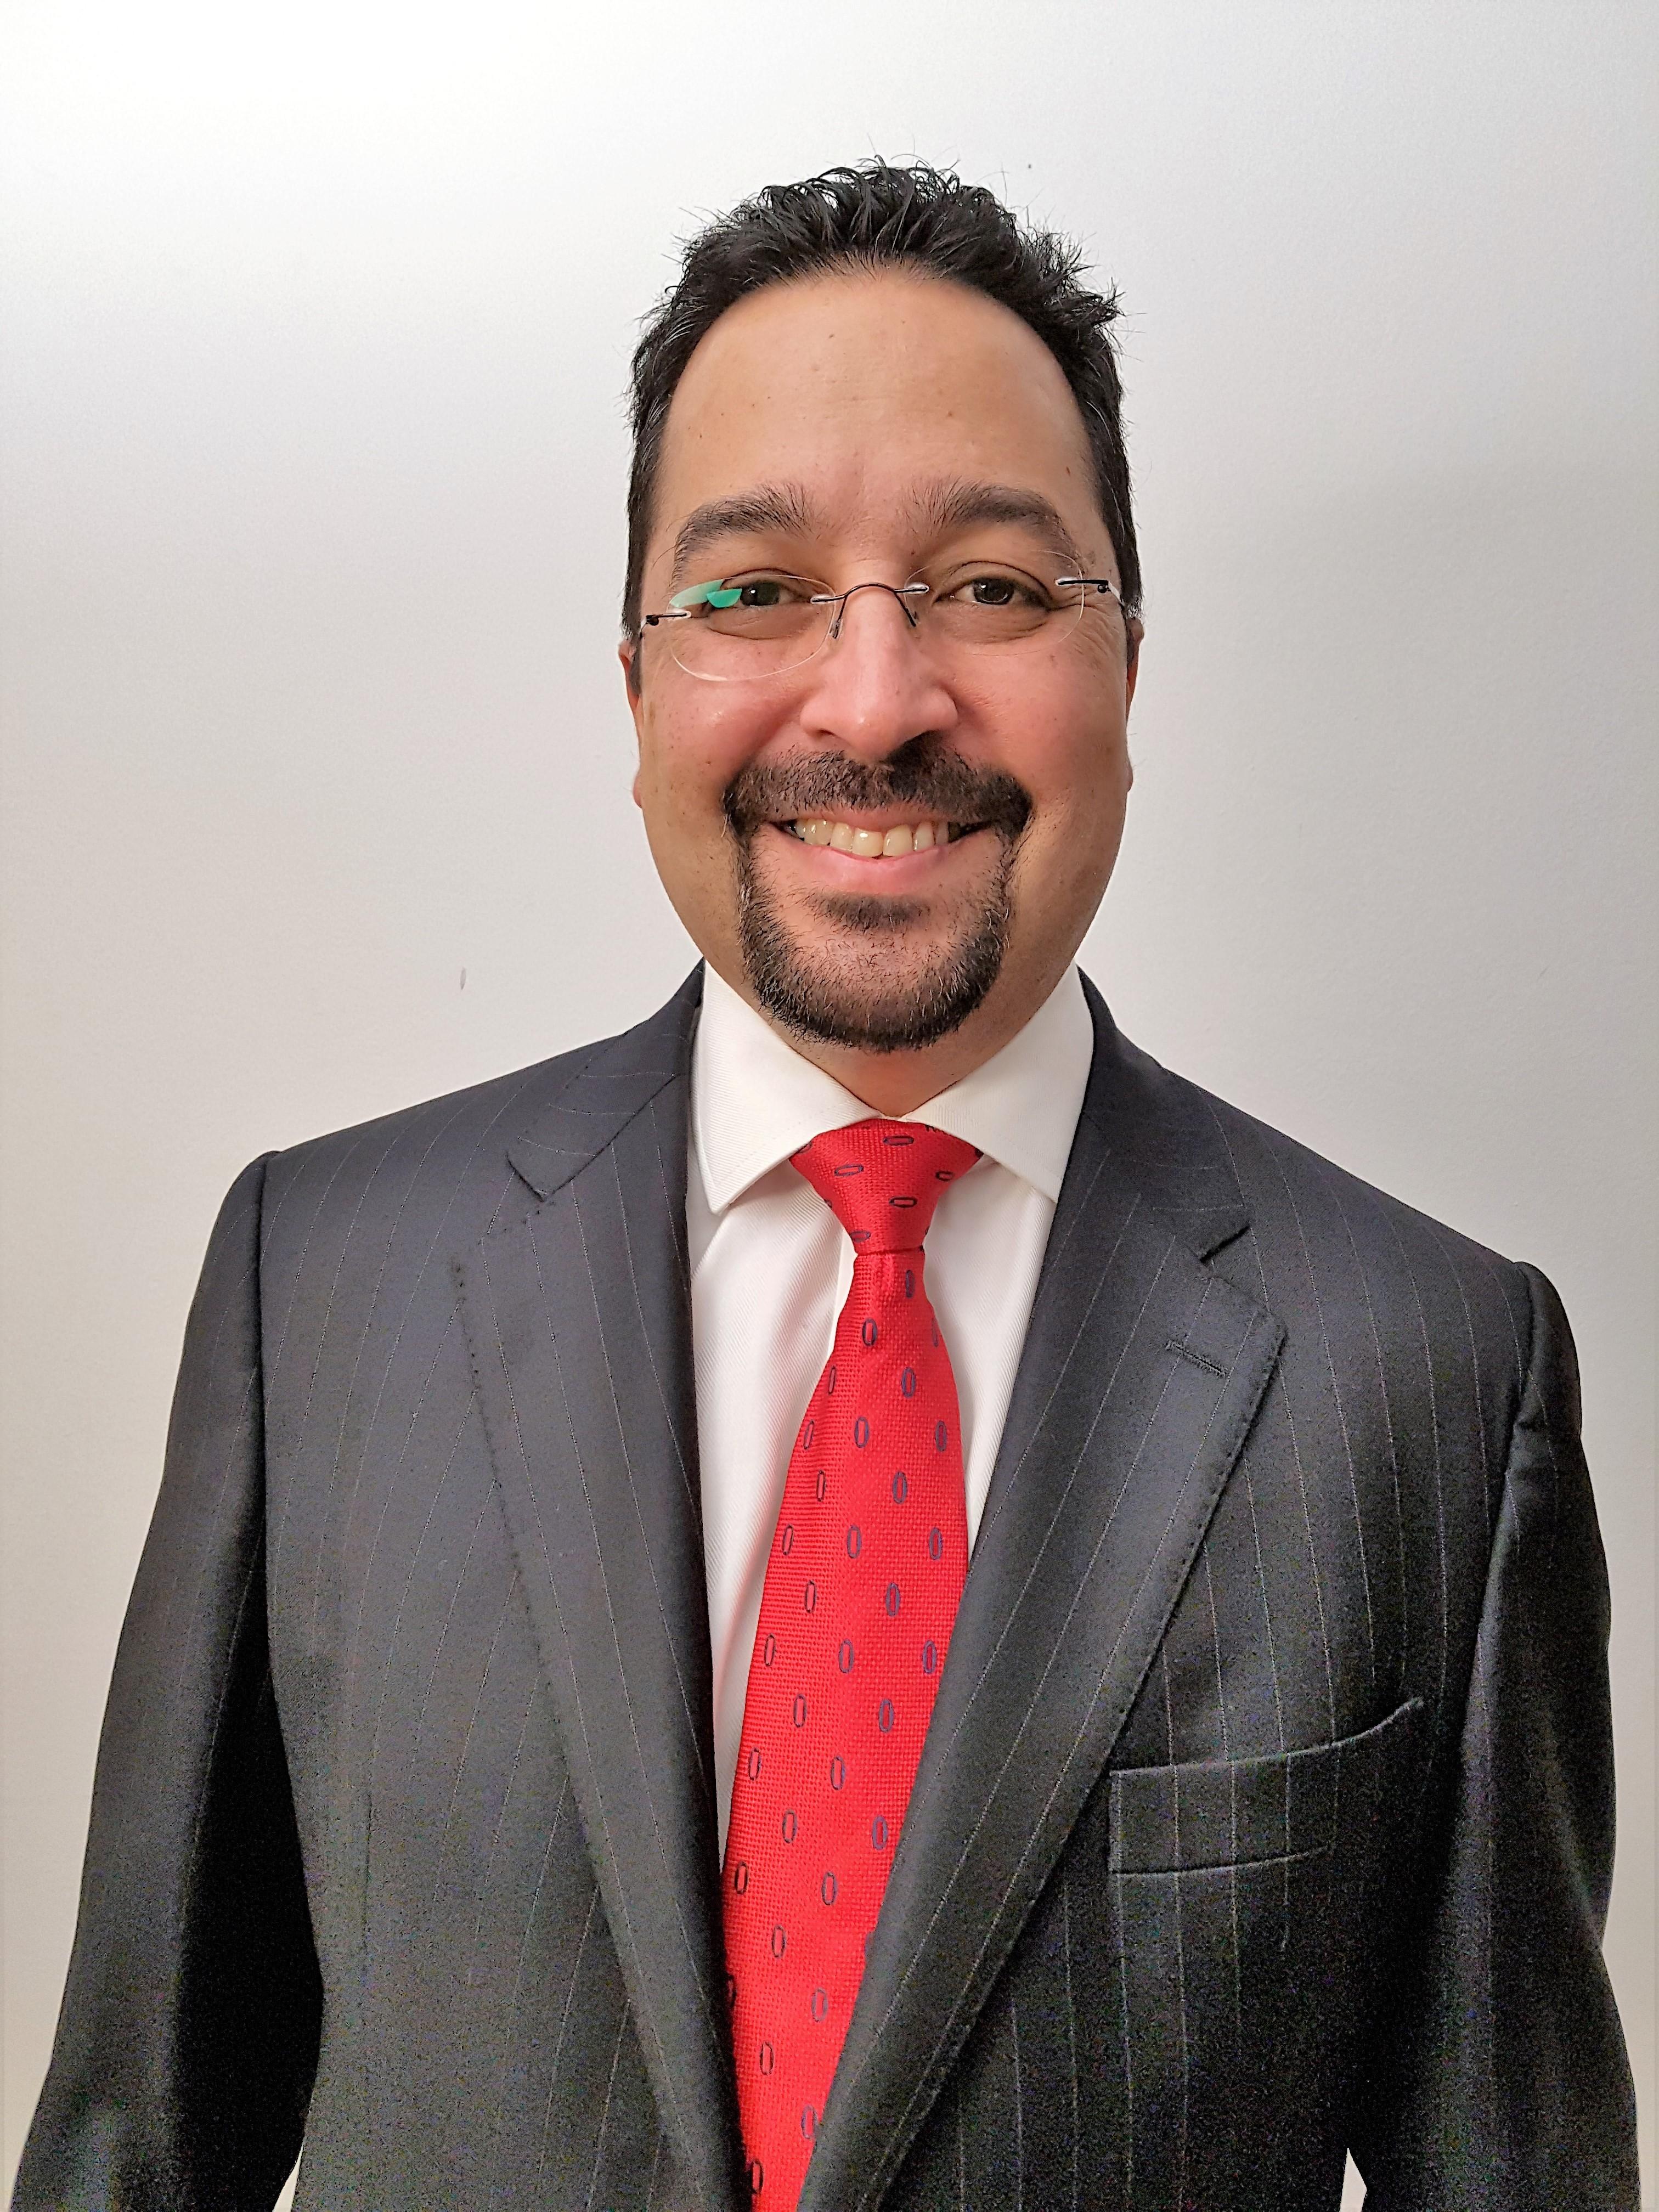 Javier Mendez Morales